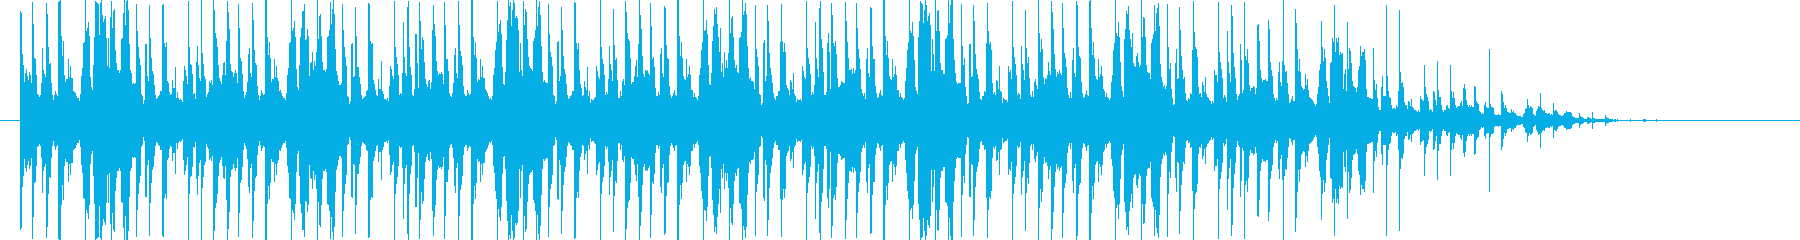 ゲームのホーム画面中などのBGMです。の再生済みの波形